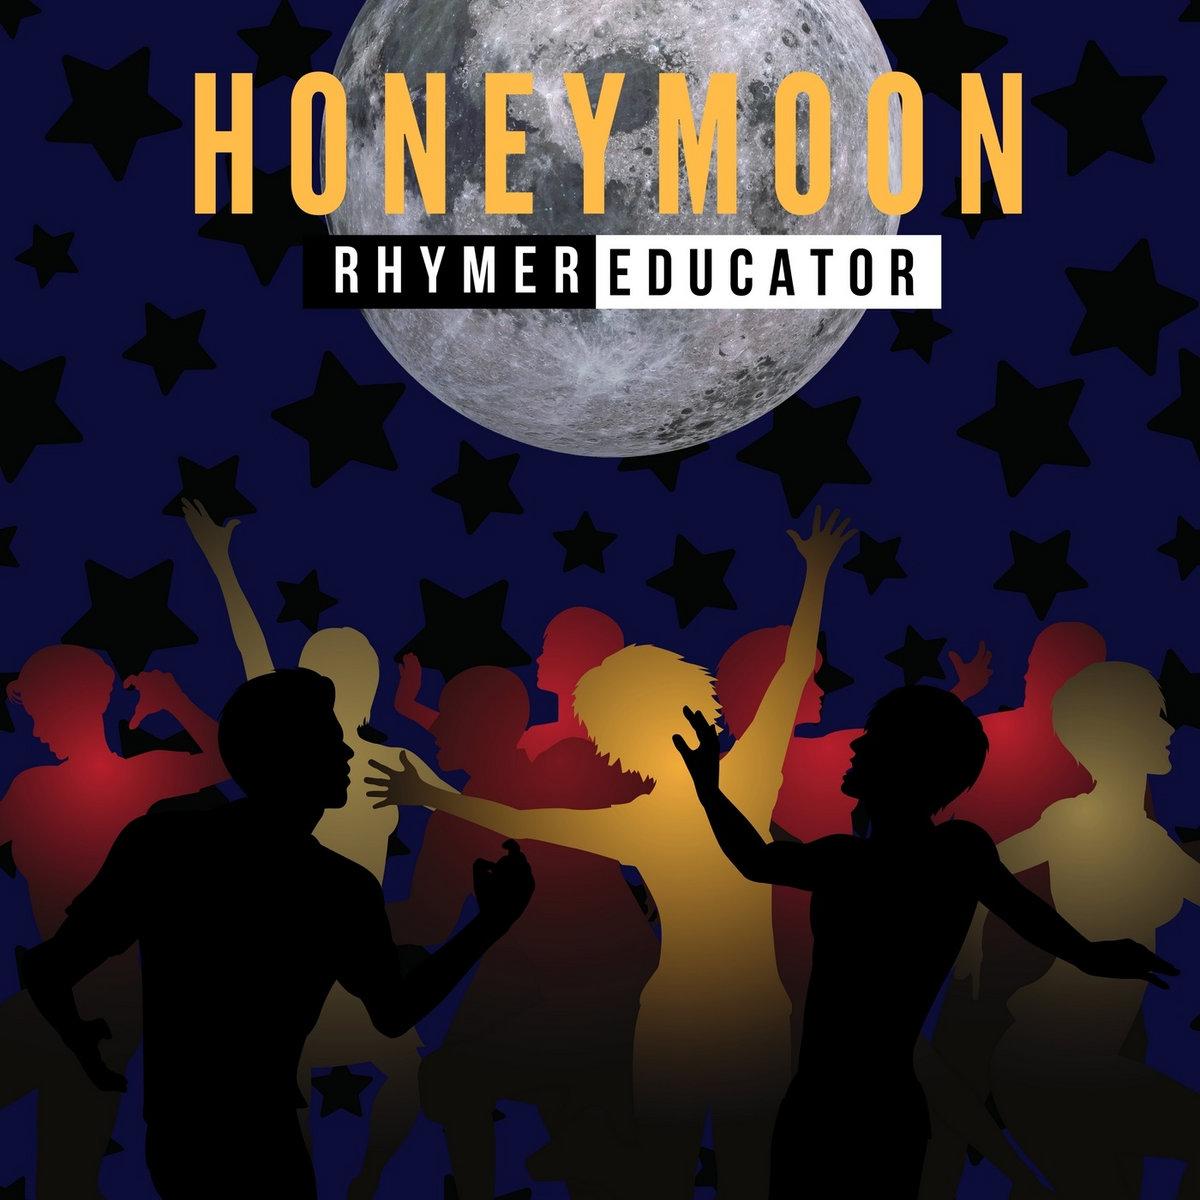 by Rhymer/Educator & Honeymoon | Rhymer/Educator